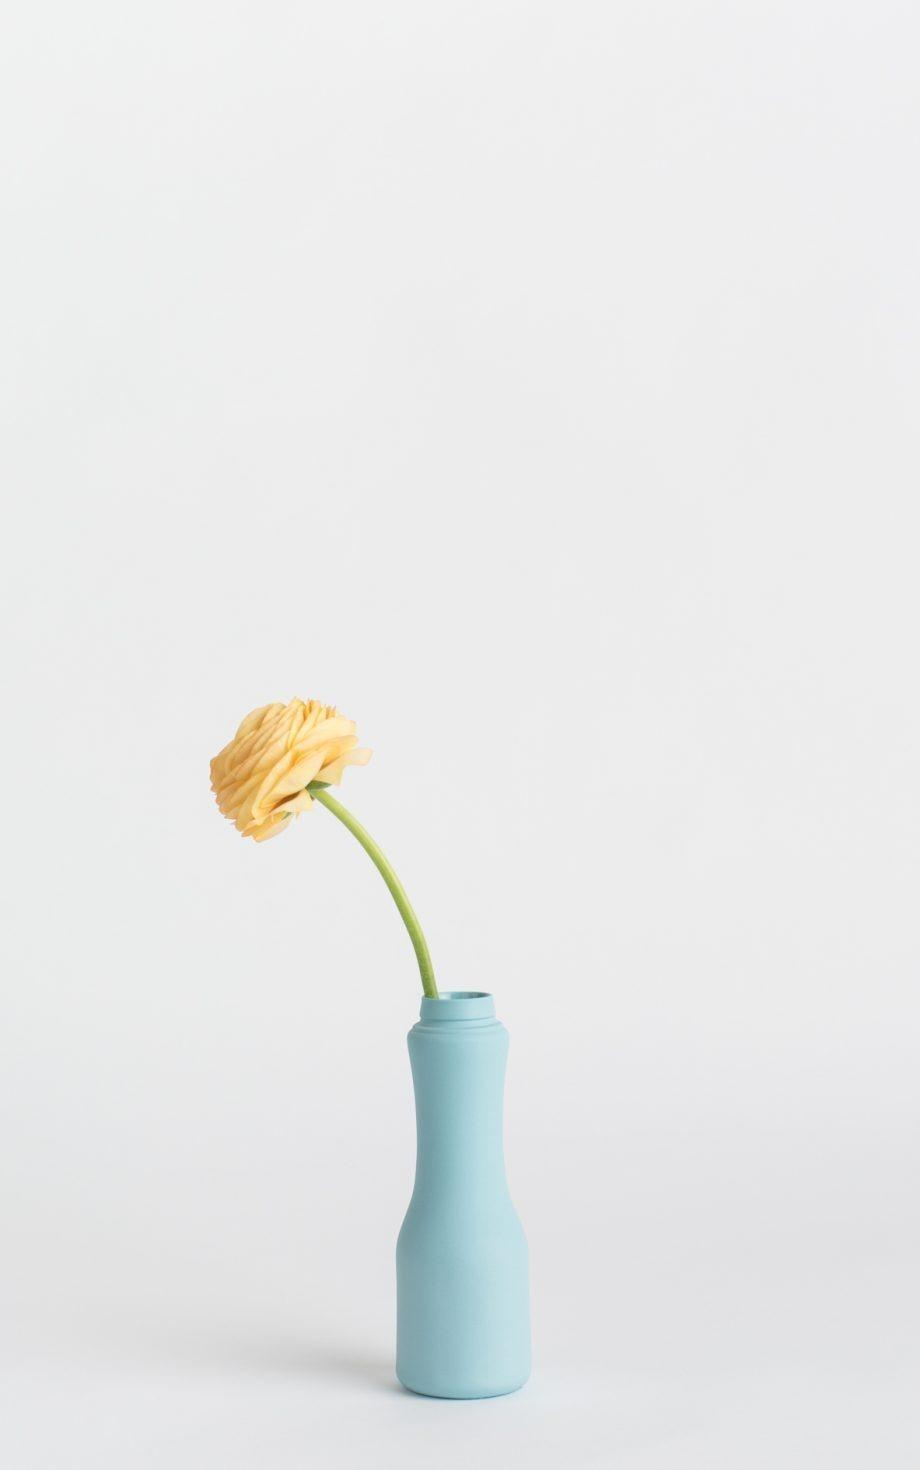 bottle vase #6 light blue with flower